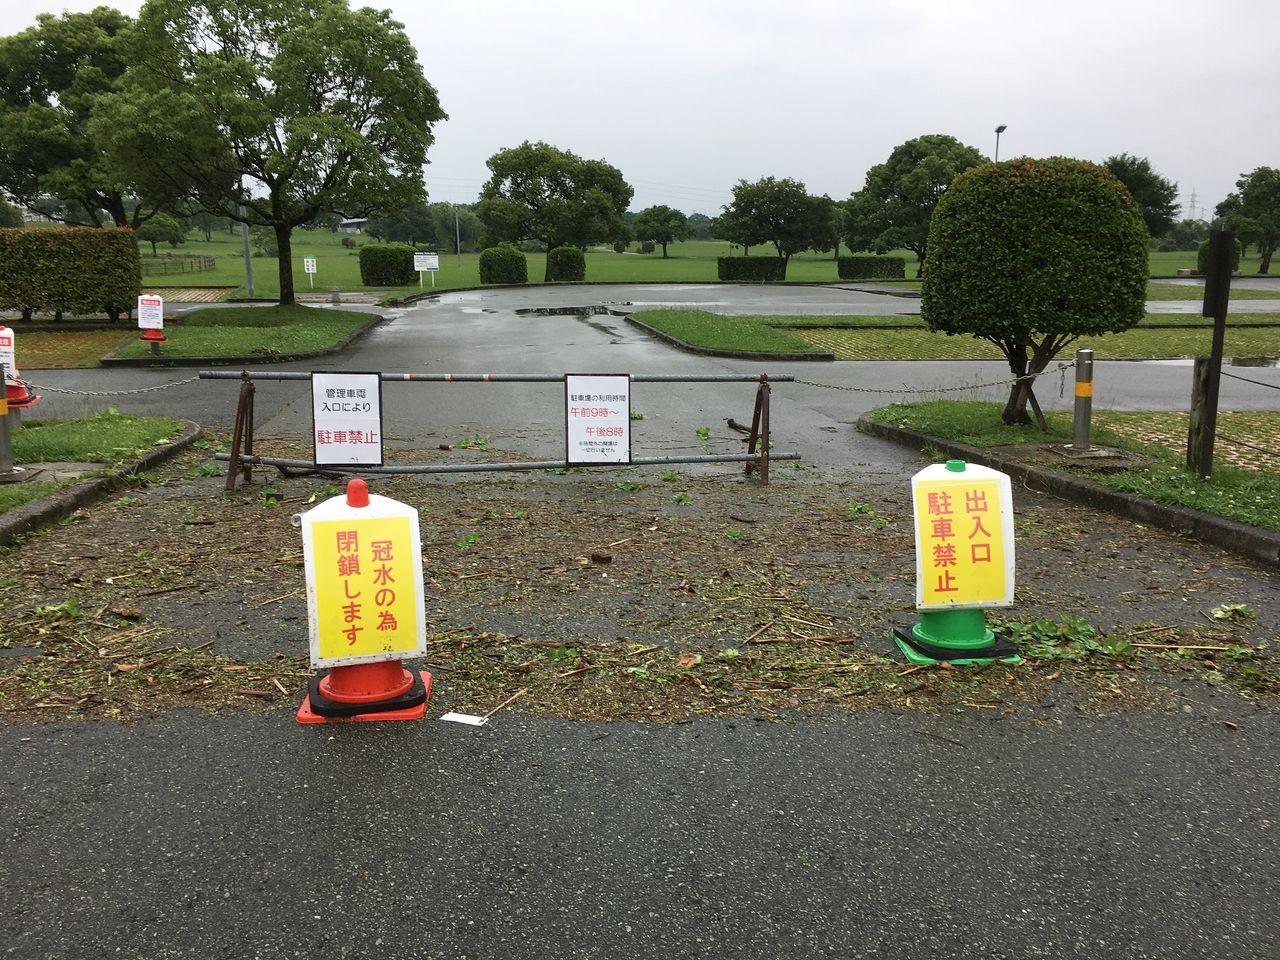 冠水のため閉鎖された駐車場入口